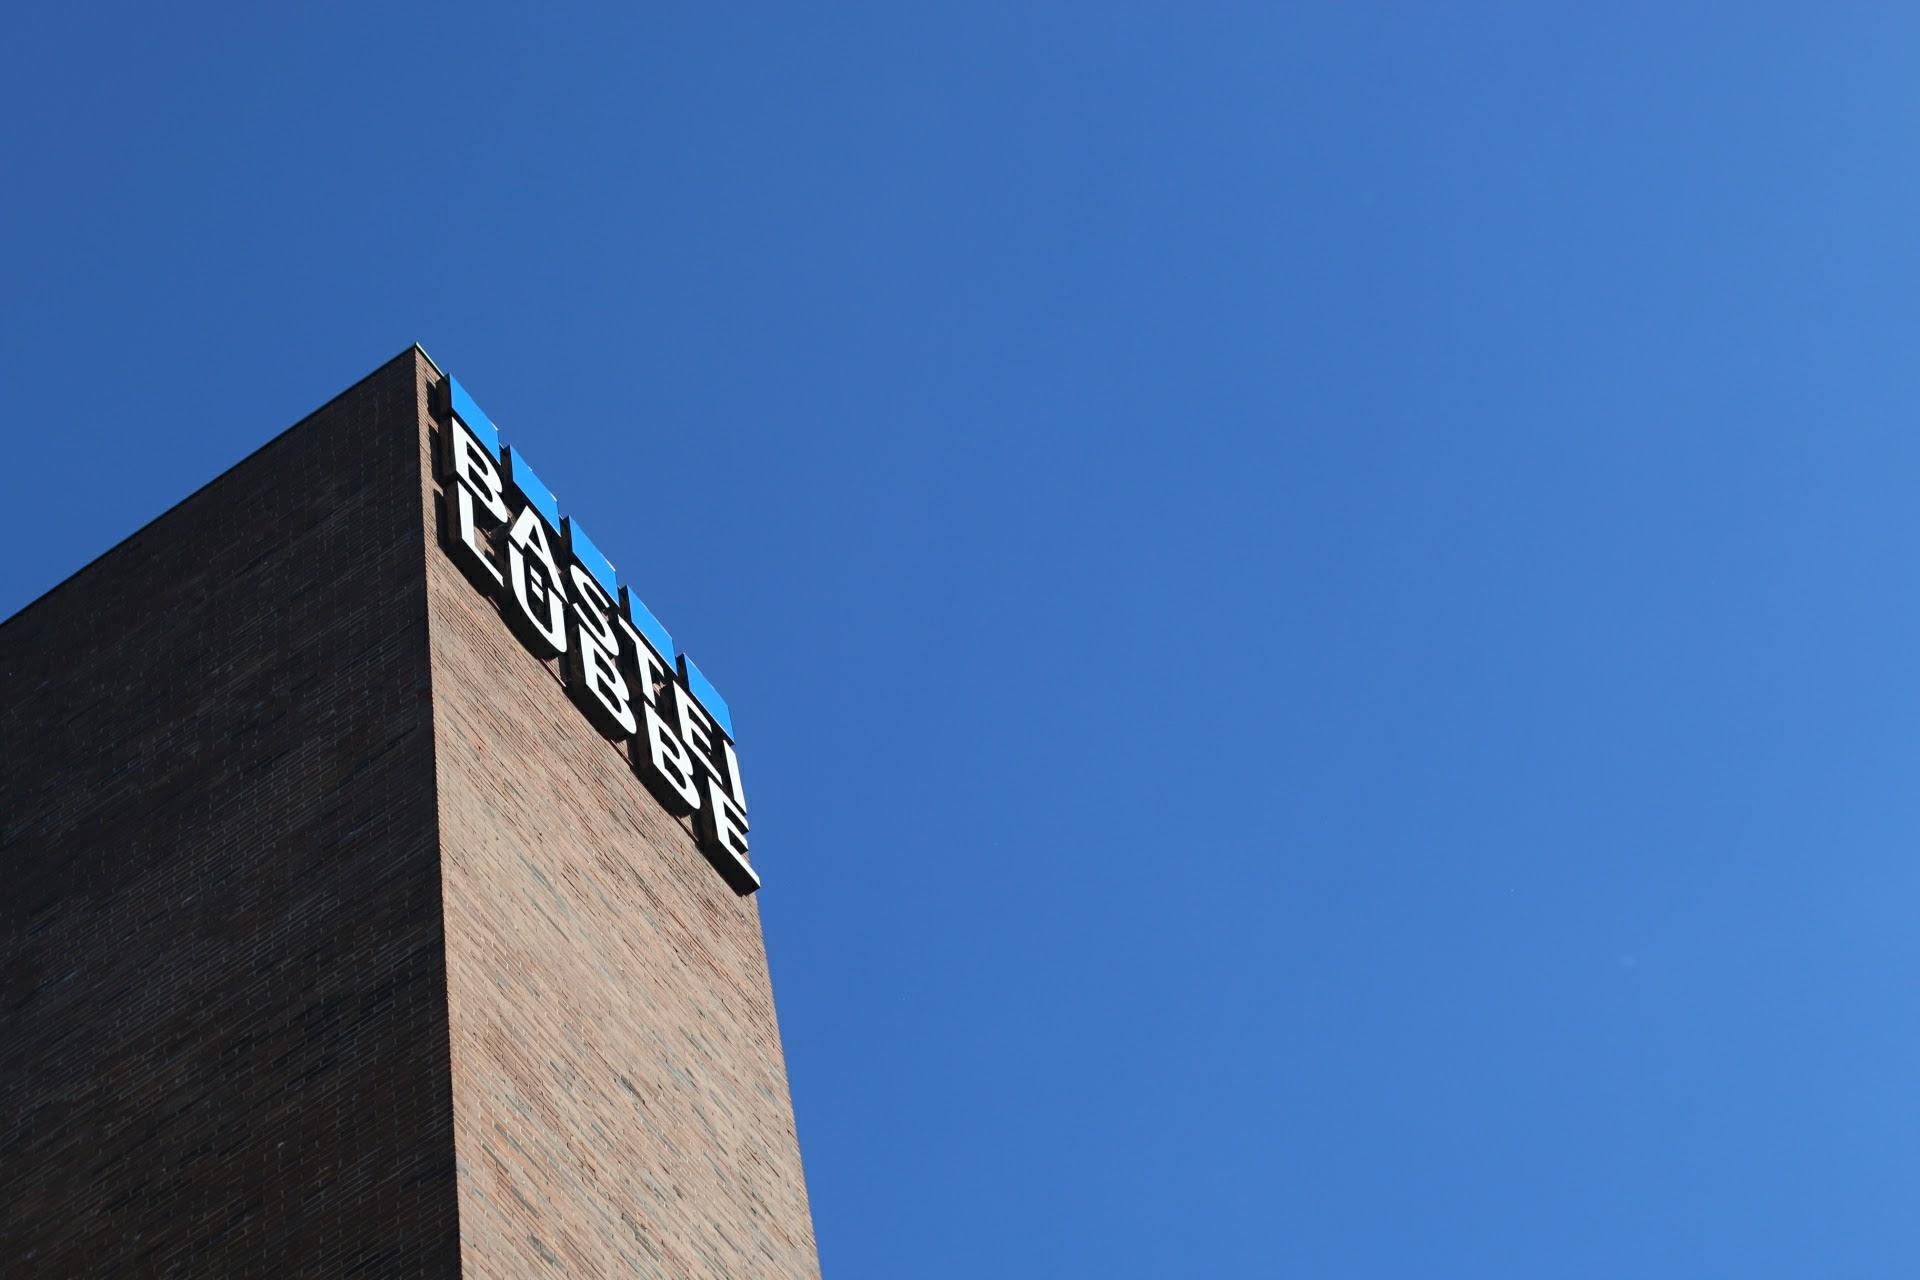 LitBlog Convention 2017 Lübbe Verlag Gebäude